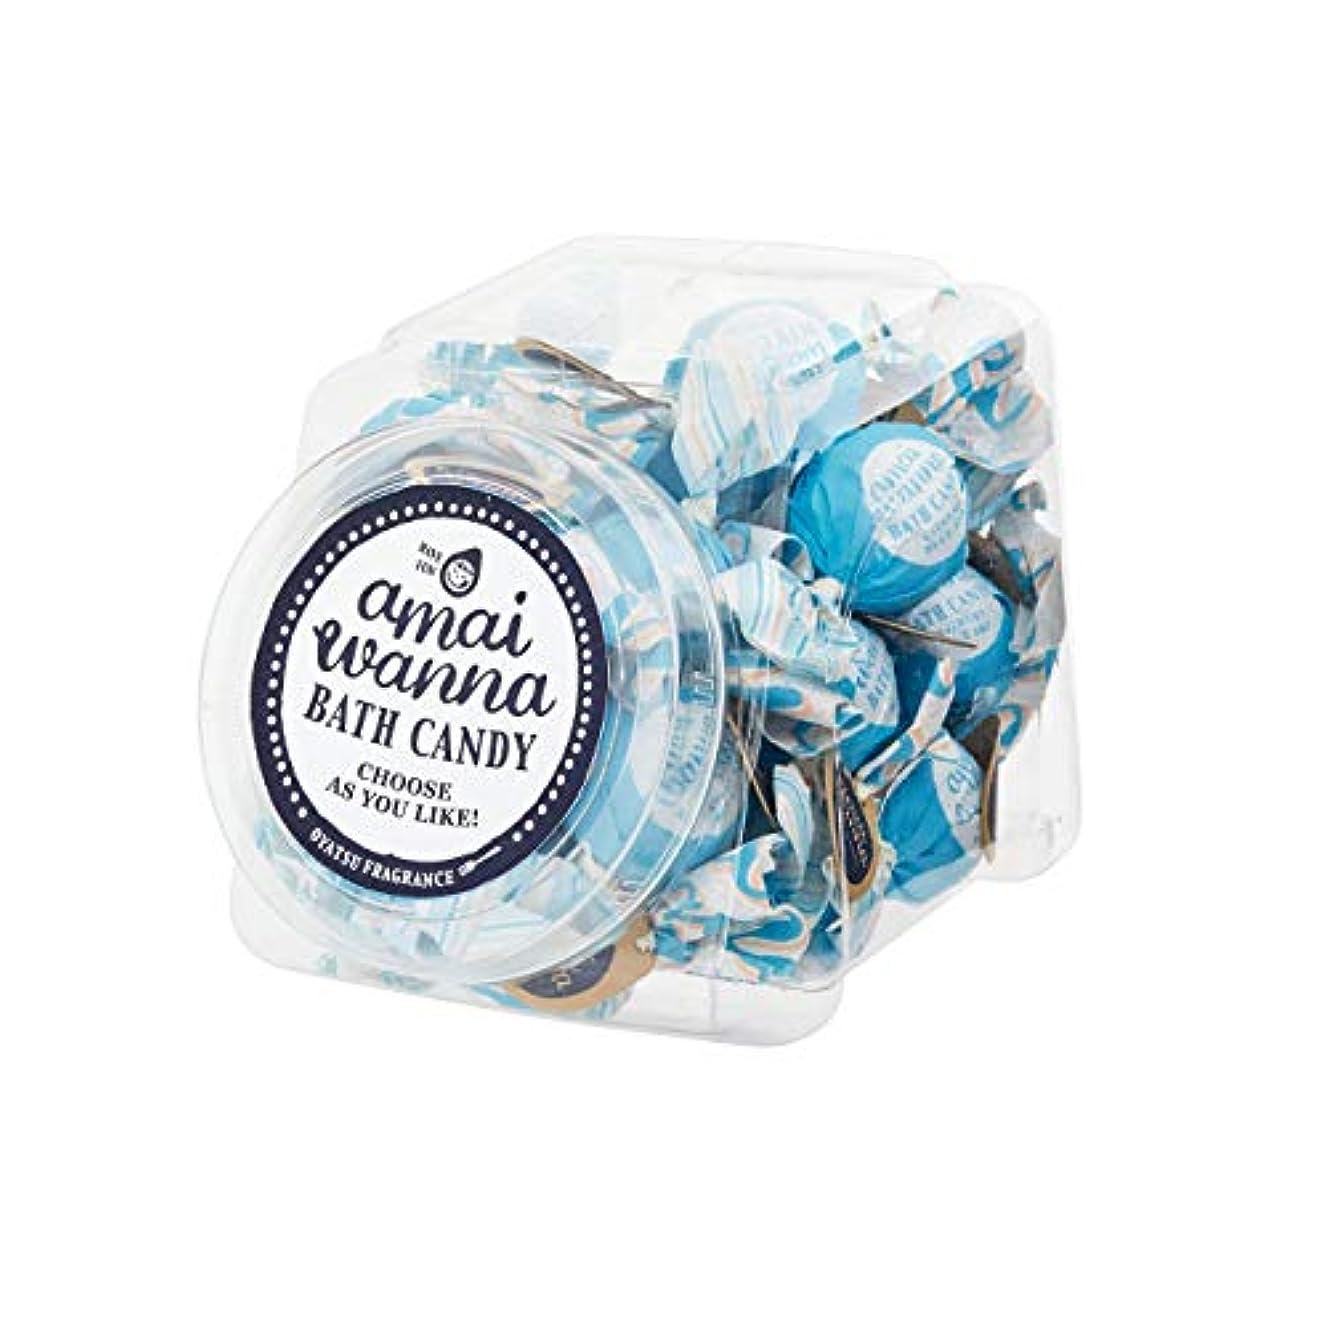 外観レビューフェローシップアマイワナSP バスキャンディーポットセット24粒入り(青空シトラス バスギフト キャンディーの形の入浴料 大人可愛い)